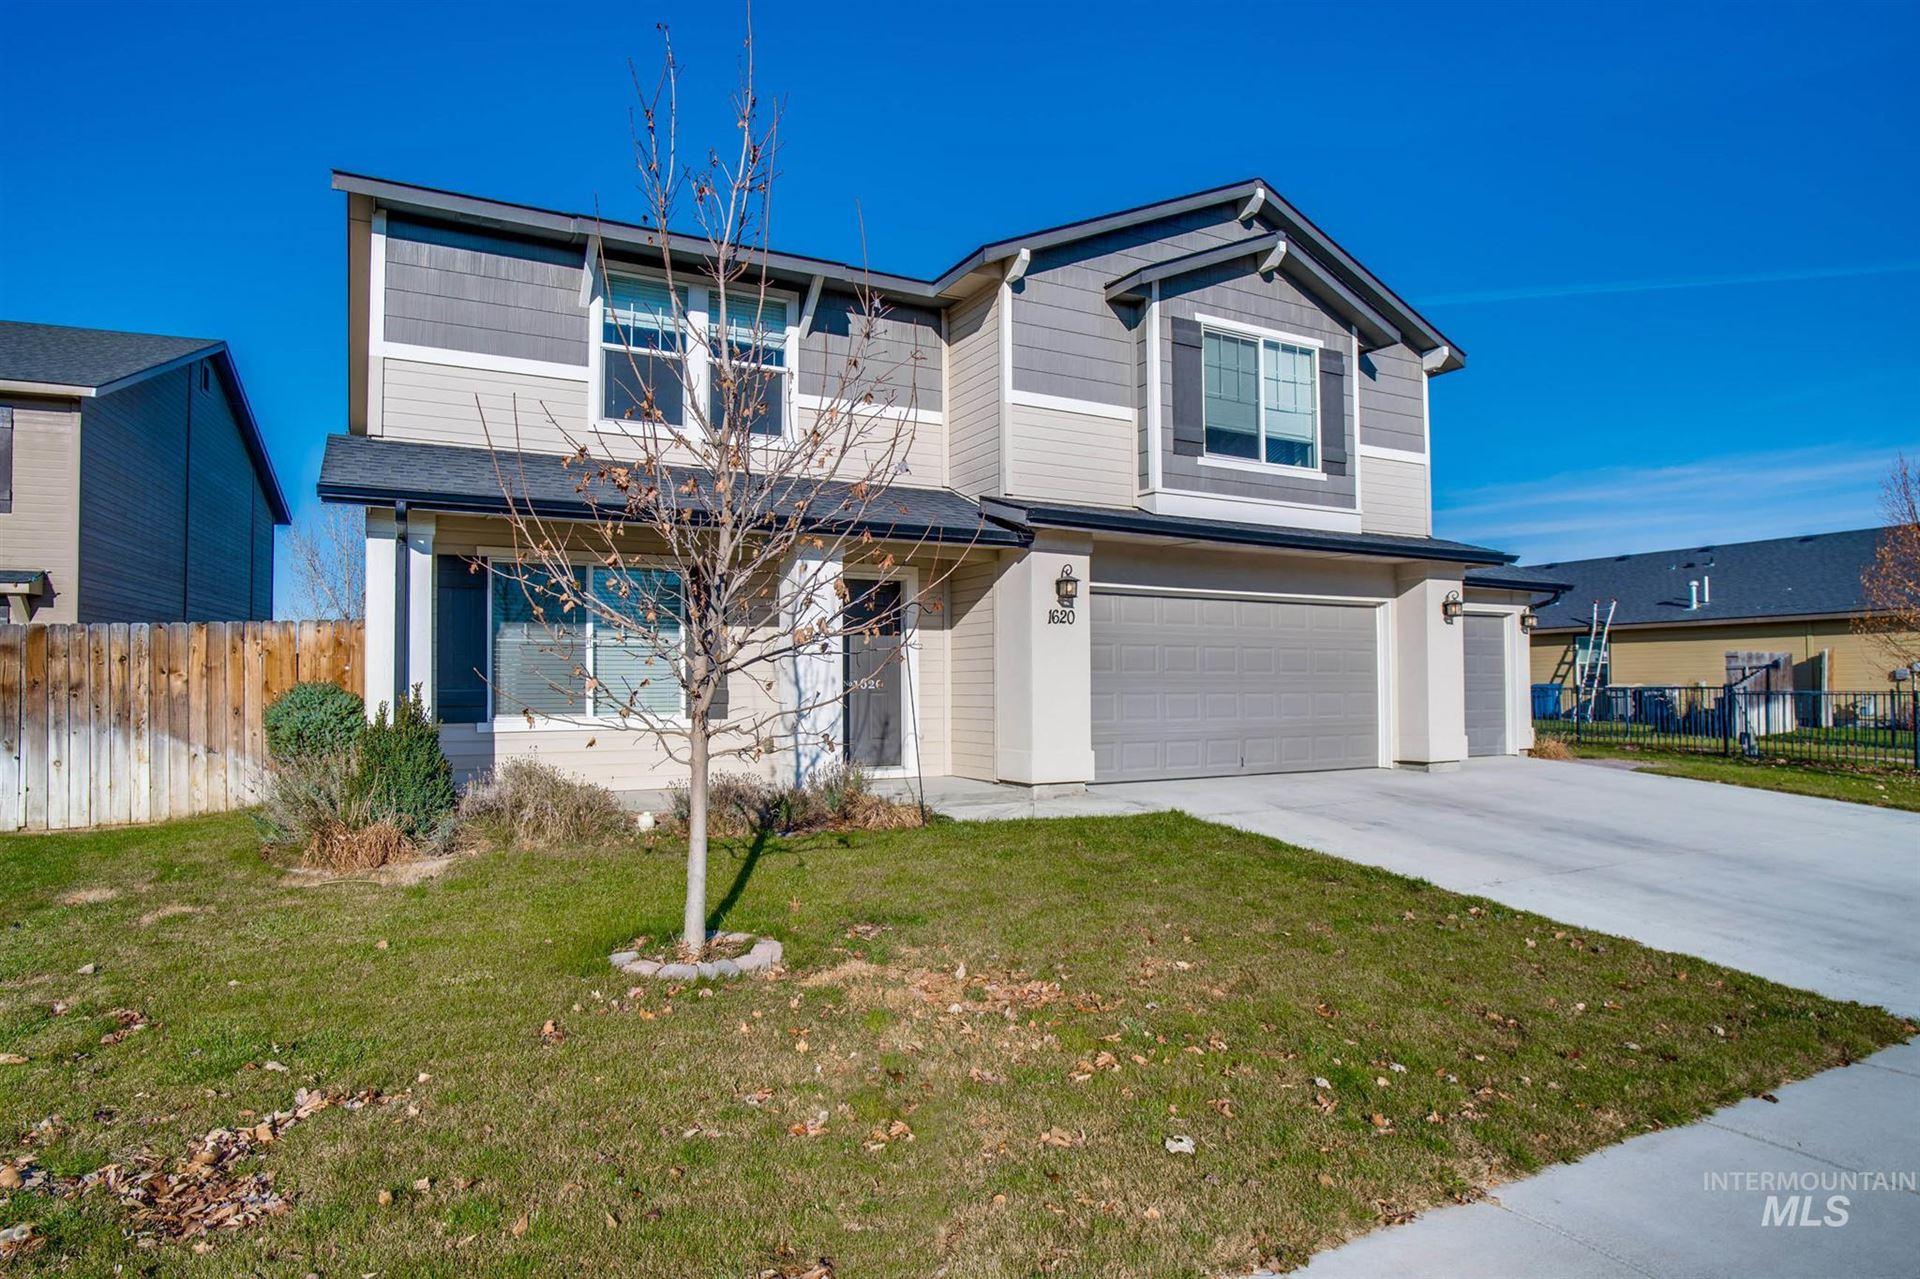 1620 W Shoshone, Nampa, ID 83651 - MLS#: 98787727